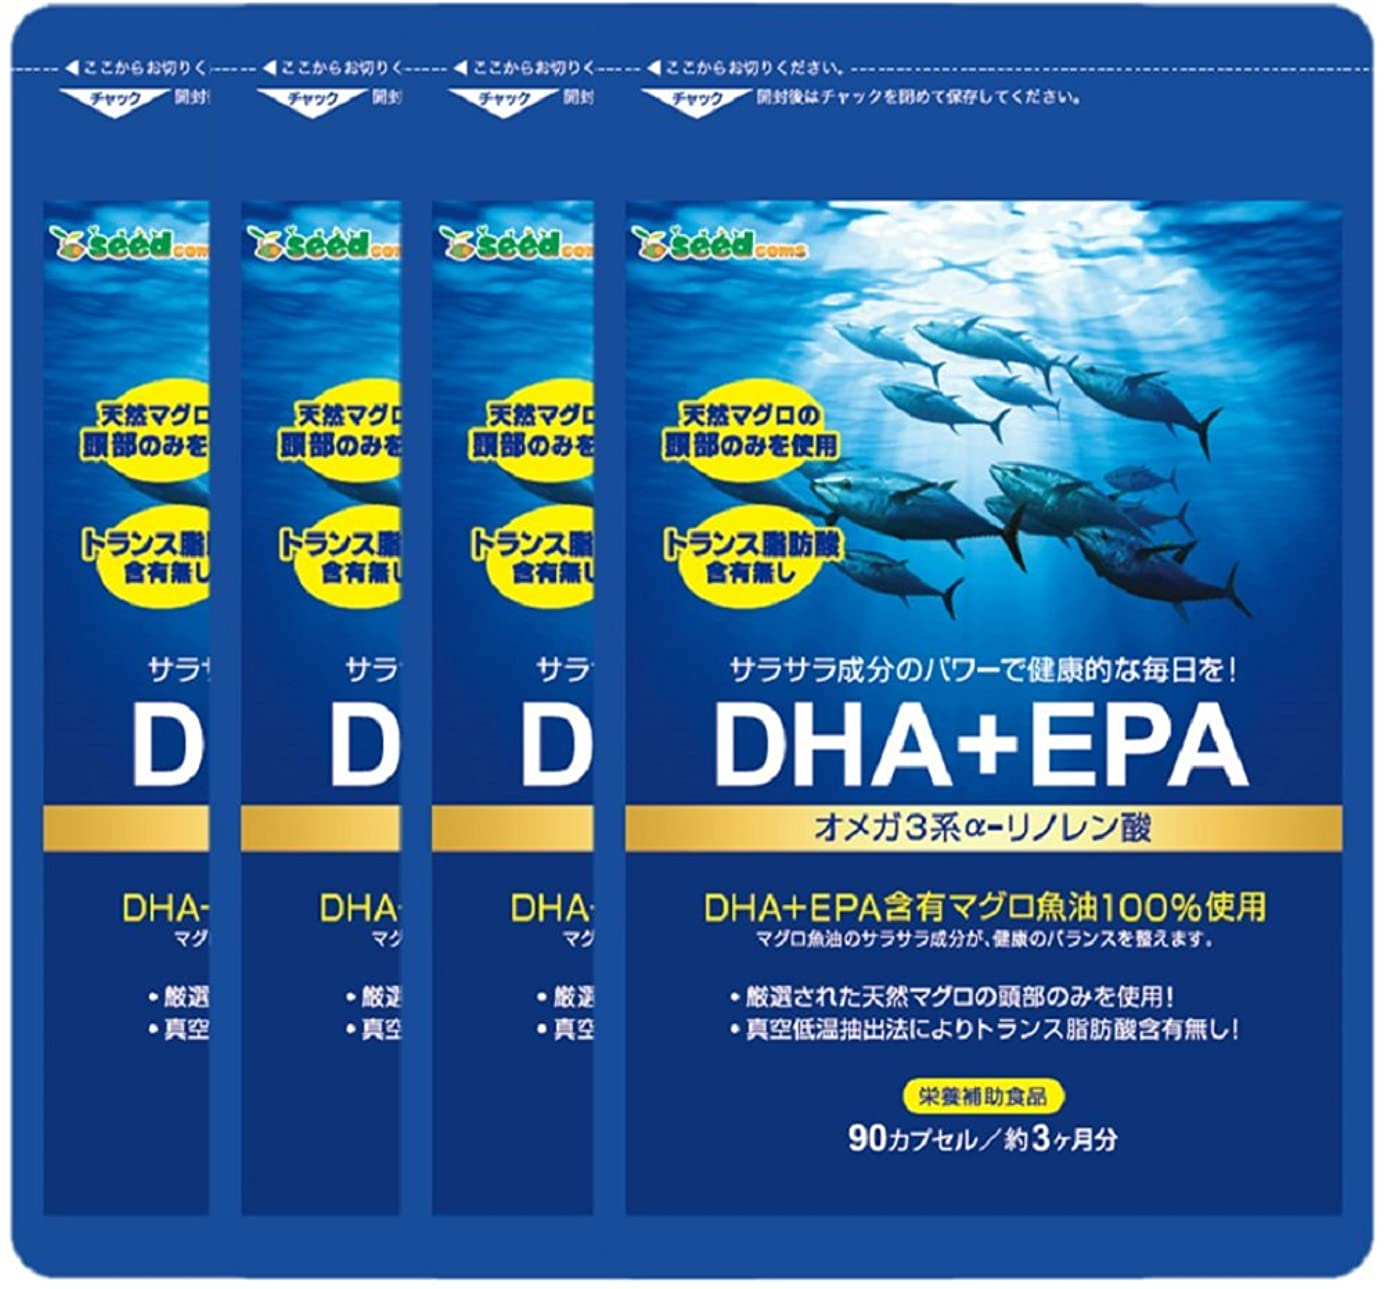 宣言コンパスキャリアDHA+EPA 約12ケ月分 (オメガ系α-リノレン酸) ビンチョウマグロの頭部のみを贅沢に使用!!トランス脂肪酸0㎎